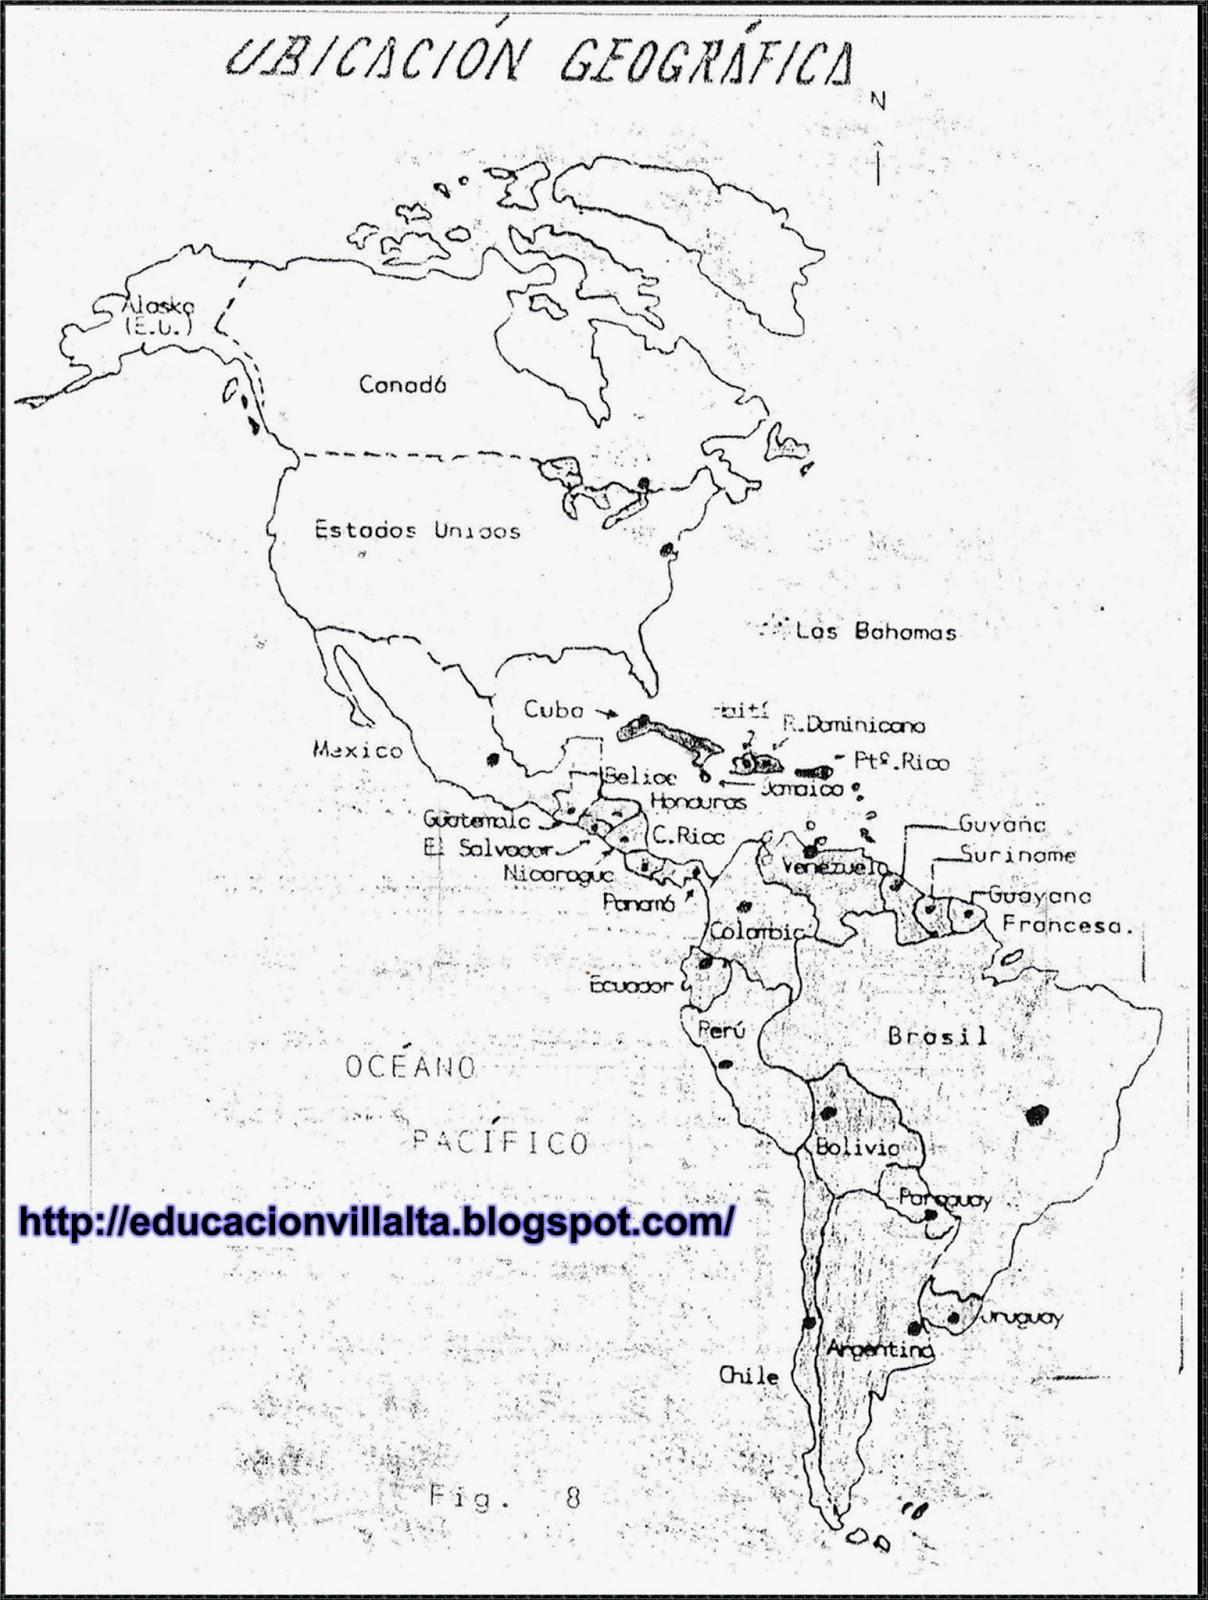 Educación: Los hemisferios. Paralelos. Meridianos. Ubicación Geográfica